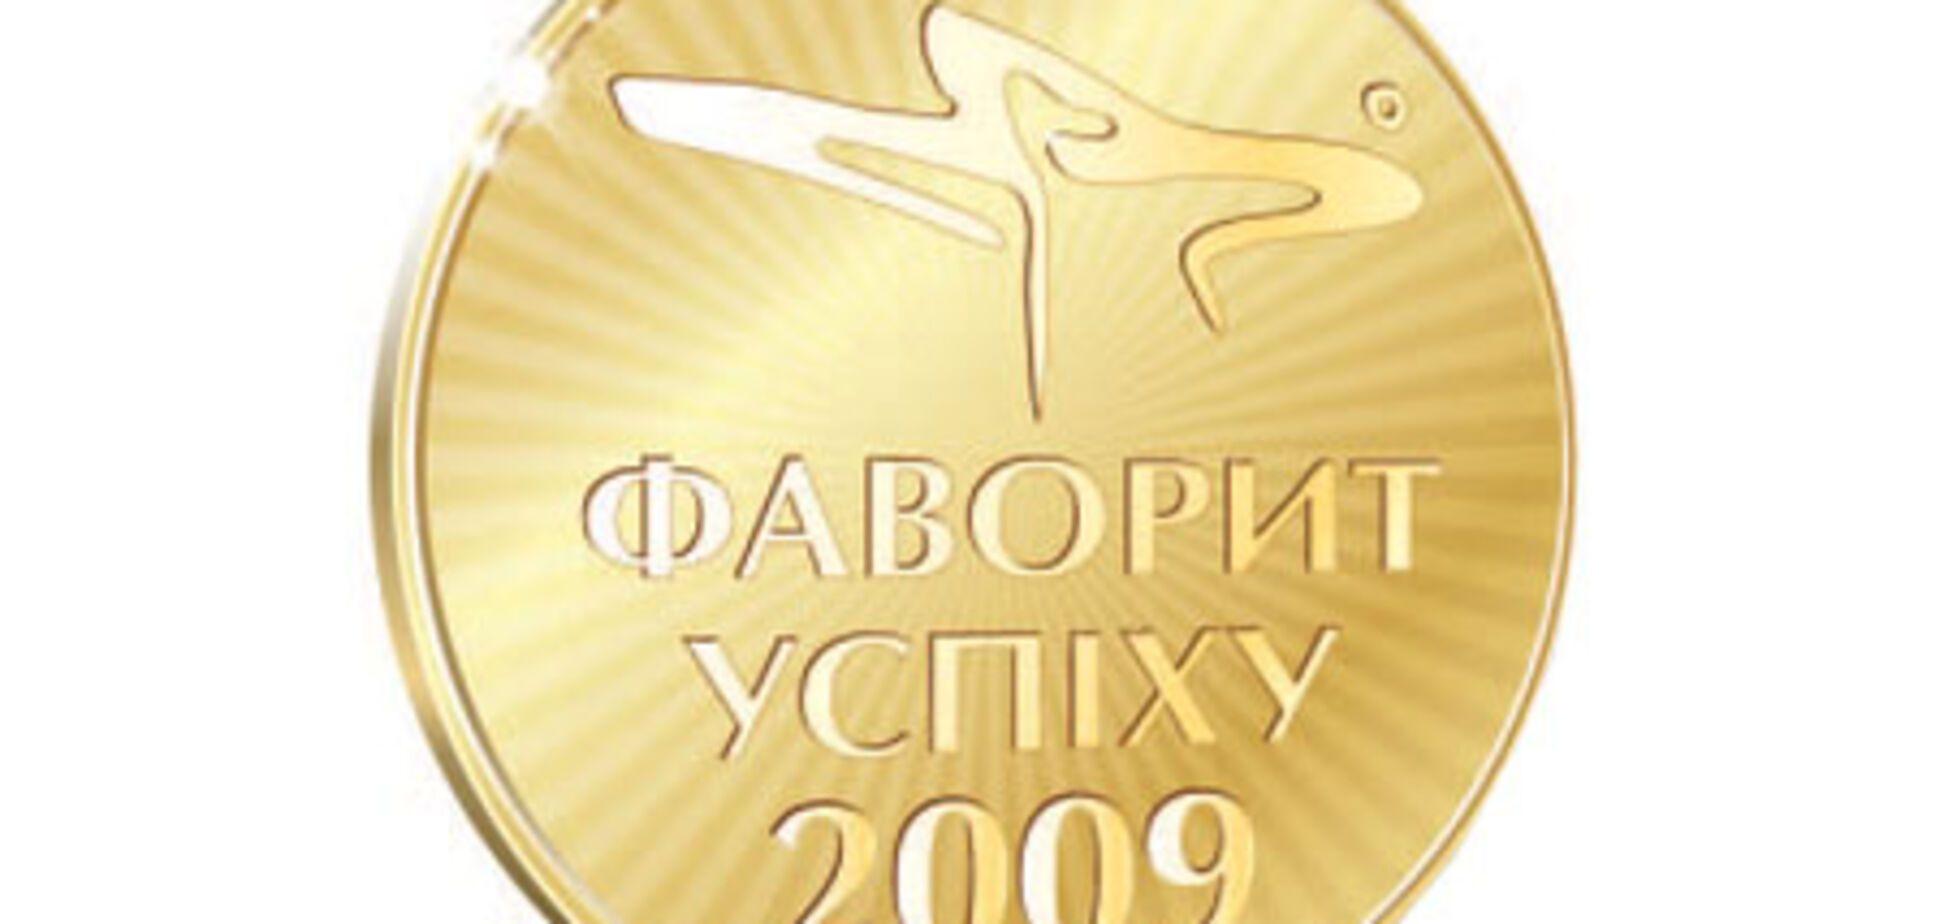 7-ая торжественная церемония награждения победителей Конкурса «Фавориты Успеха»!